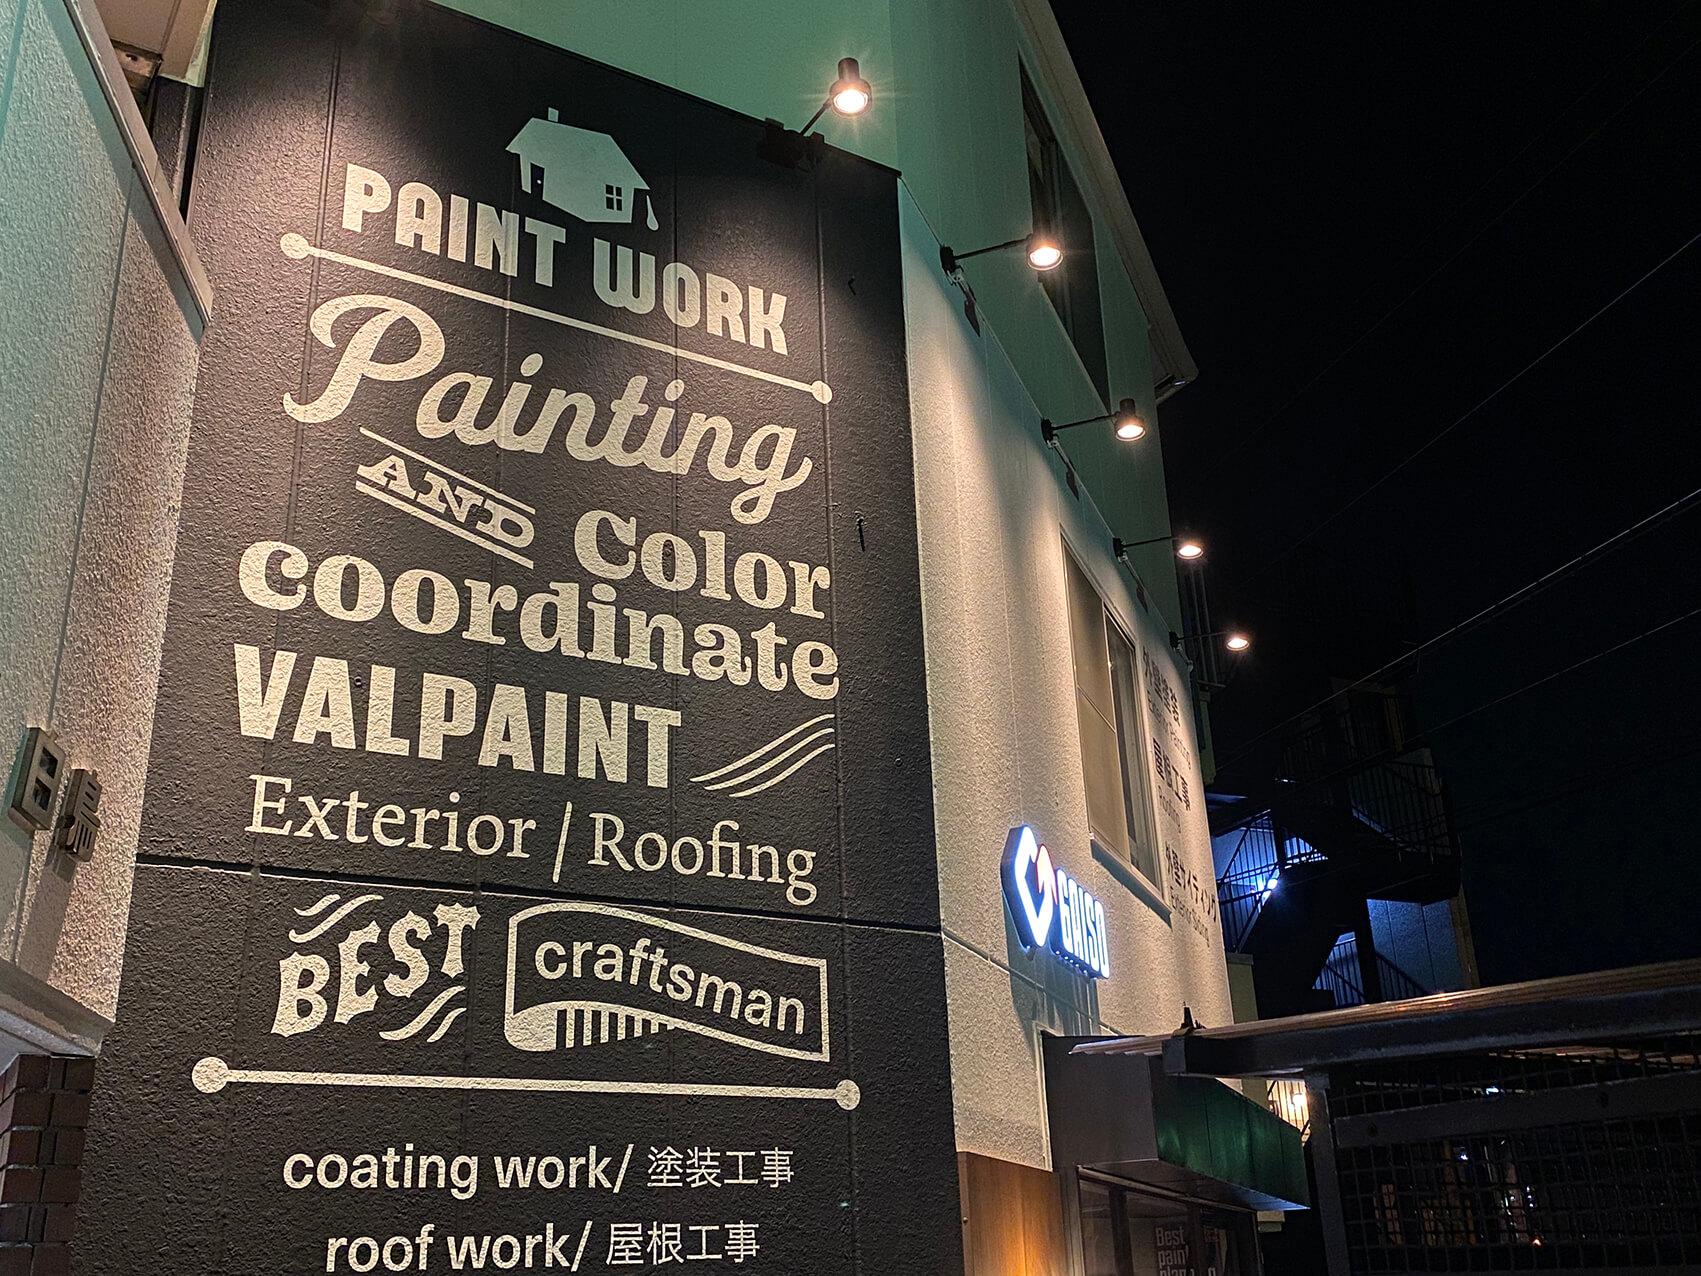 大和市、人気のスポーツマッサージ店の看板